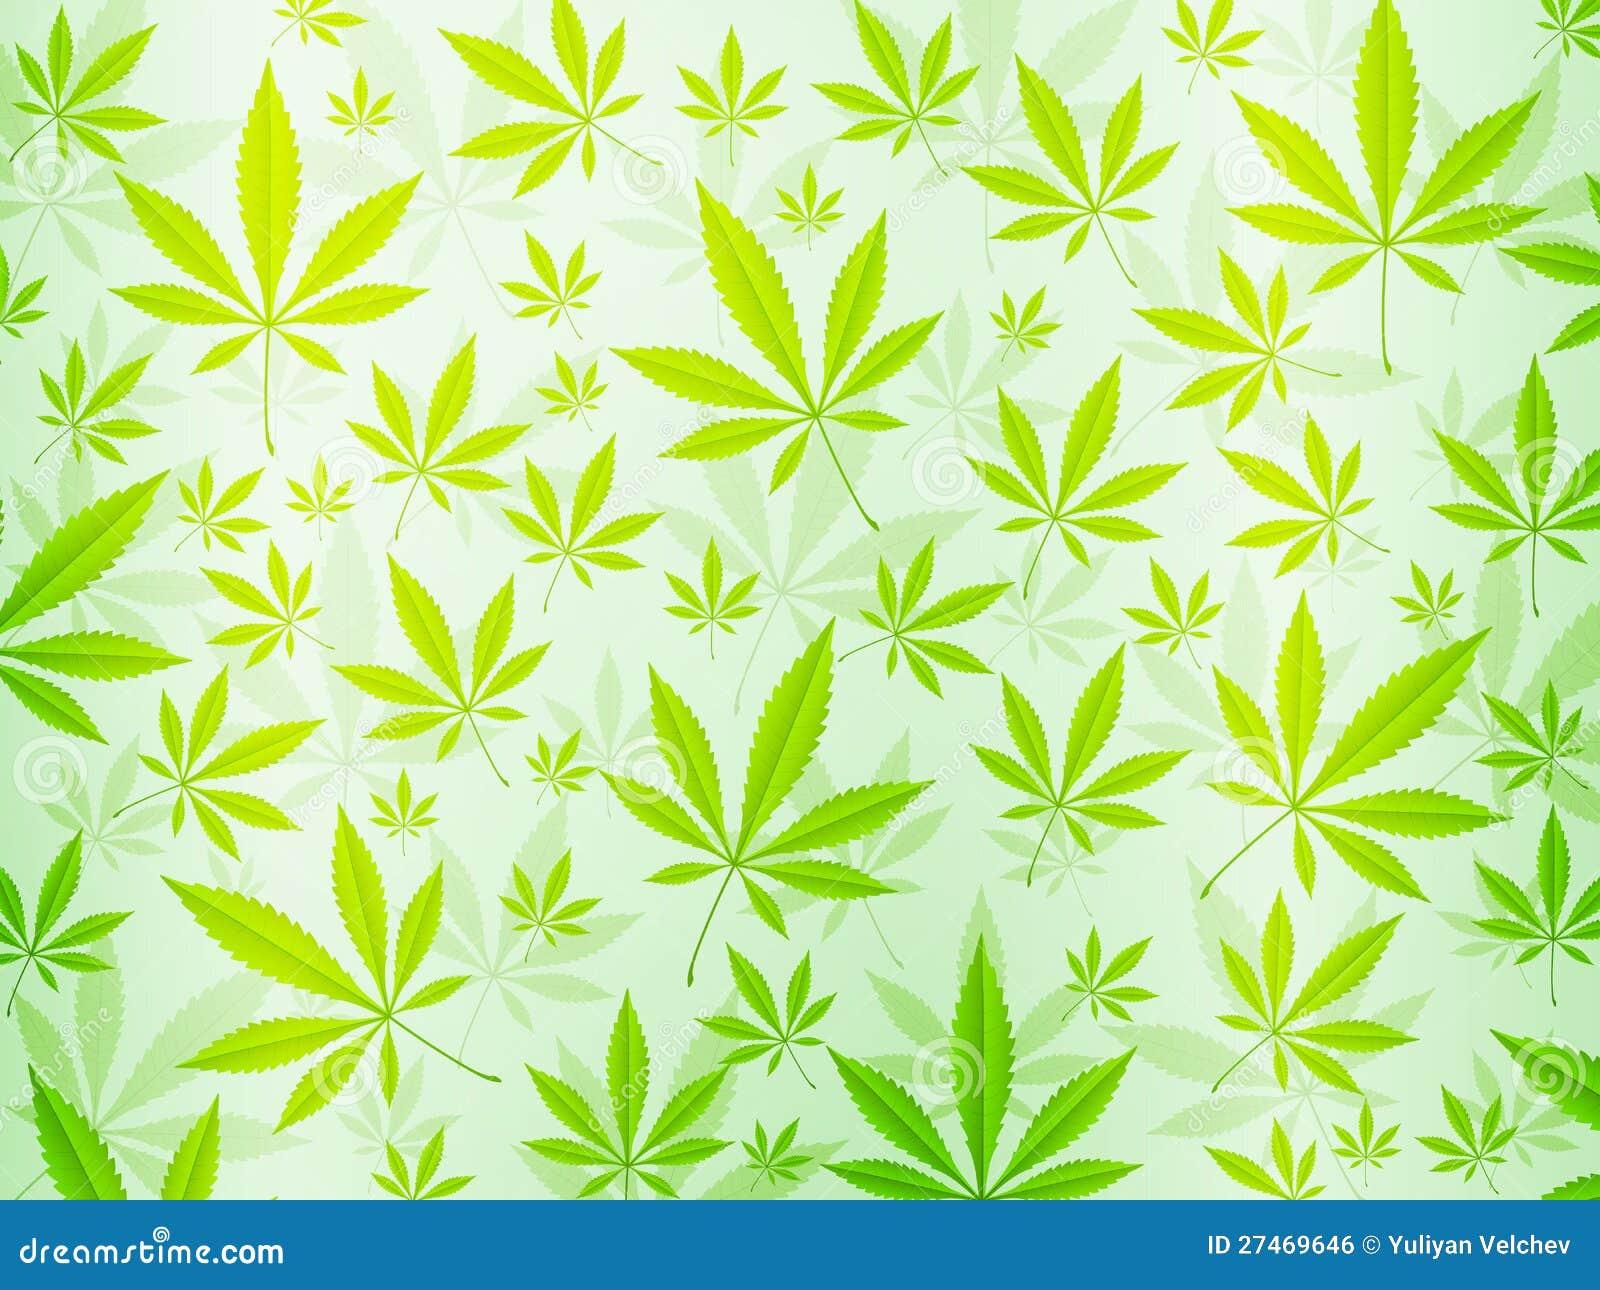 marijuana abstract wallpaper - photo #20